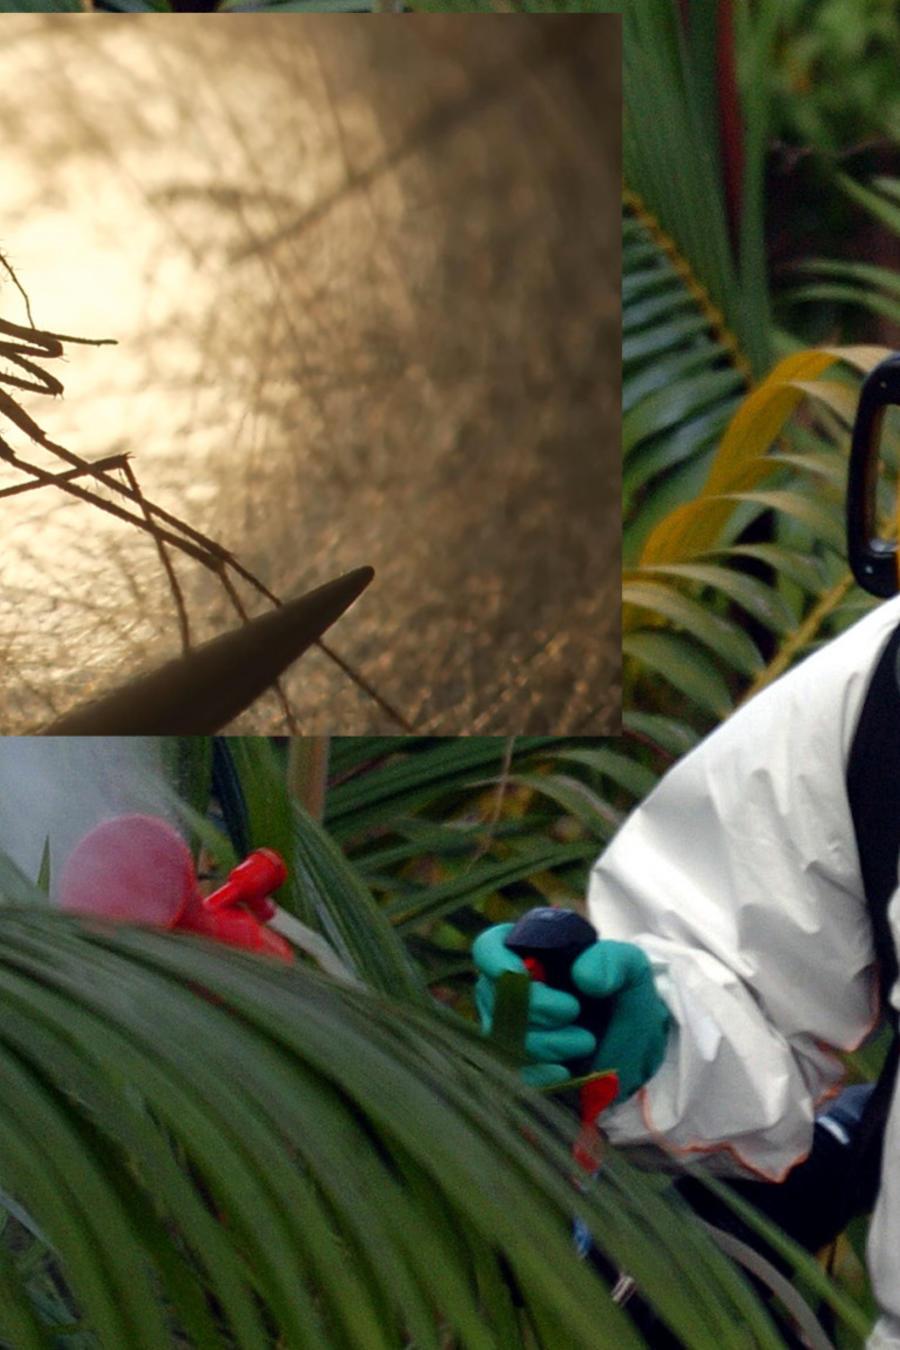 Un trabajador erradica mosquitos en la isla de Reunión. A la derecha, un mosquito, en imágenes ambas de archivo.